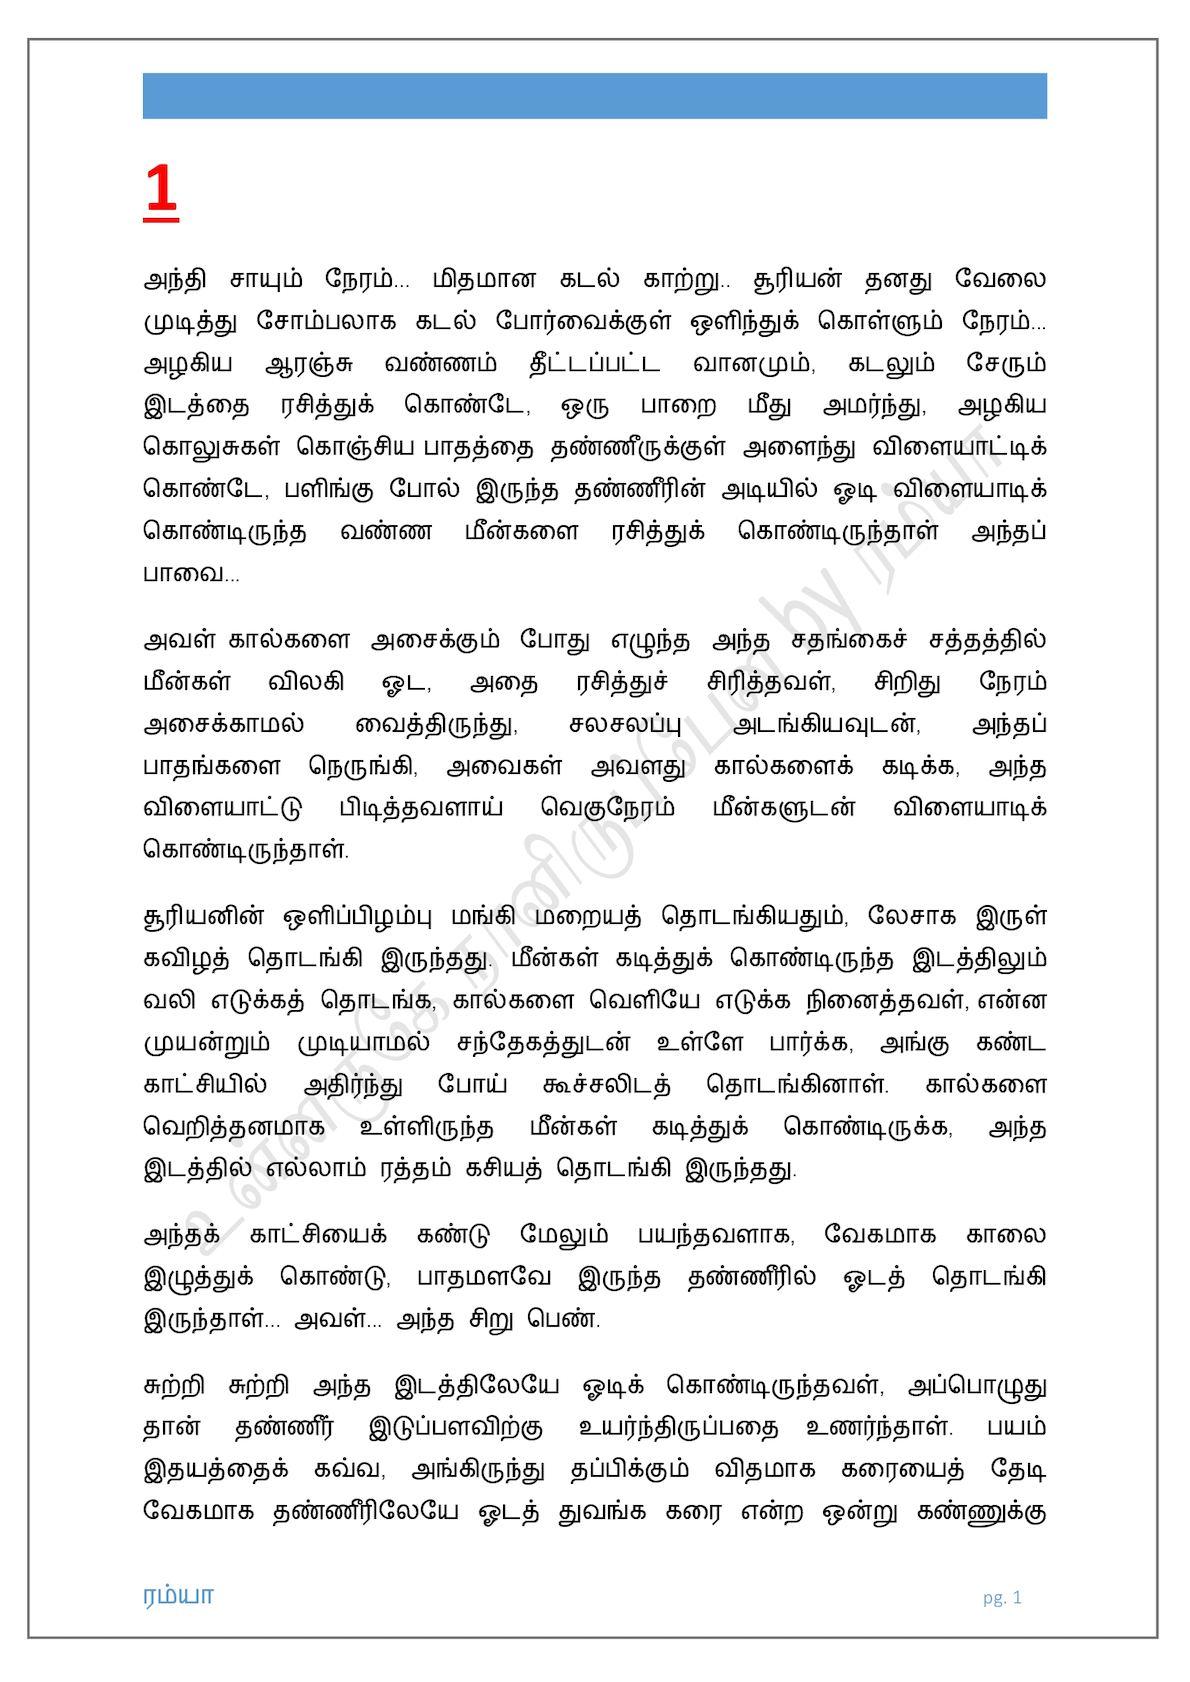 Unnaruge Naanirupen full pdf